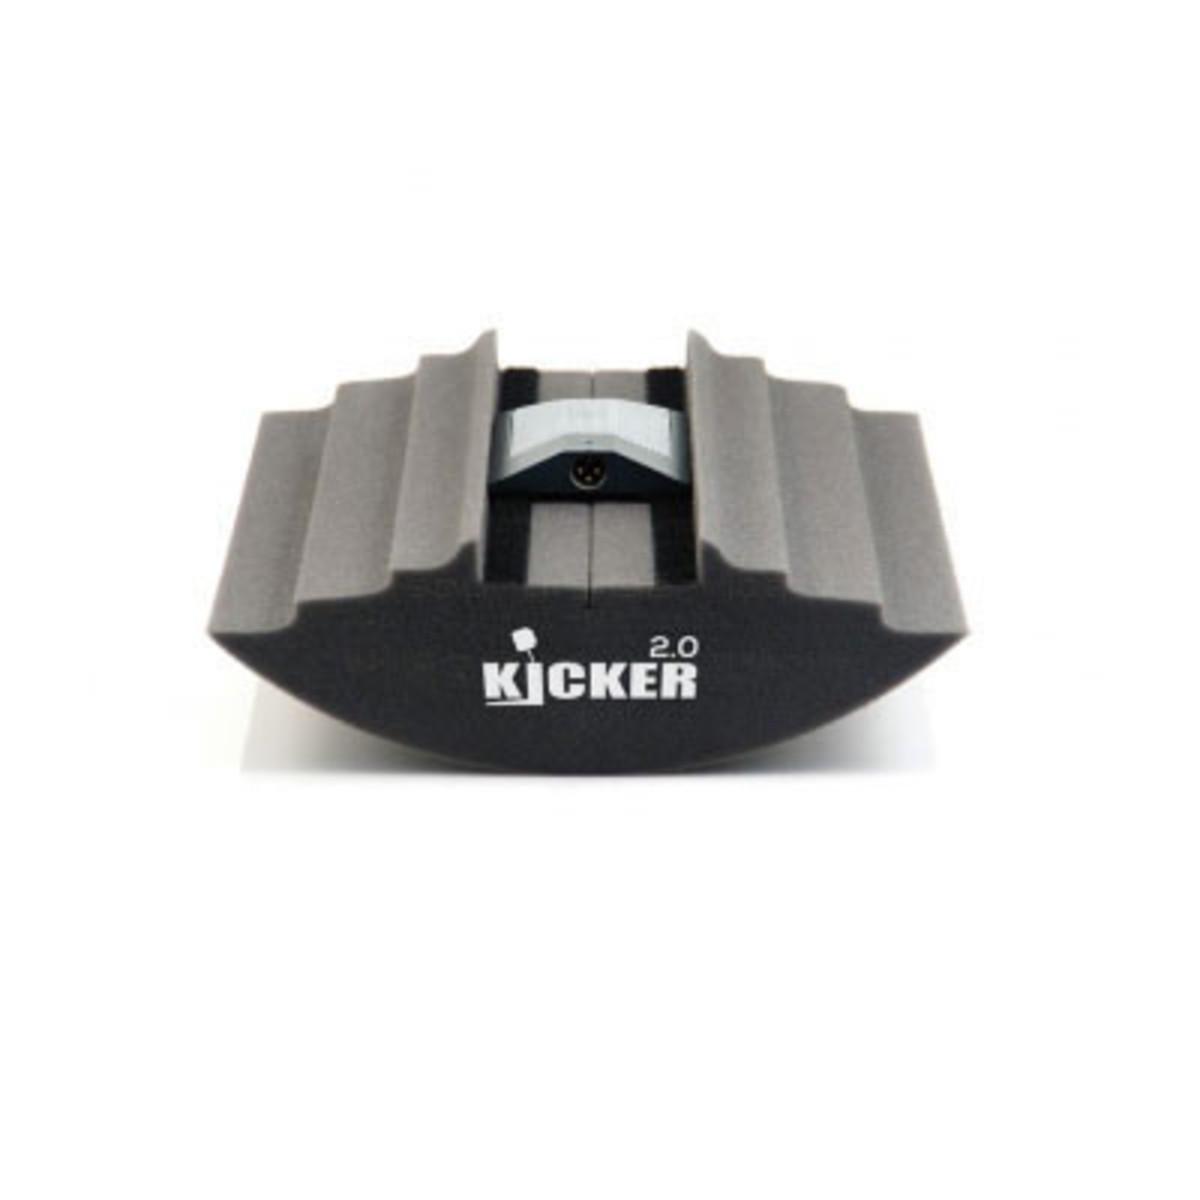 Sonitus The Kicker 2.0 Trommel Schalldämpfer